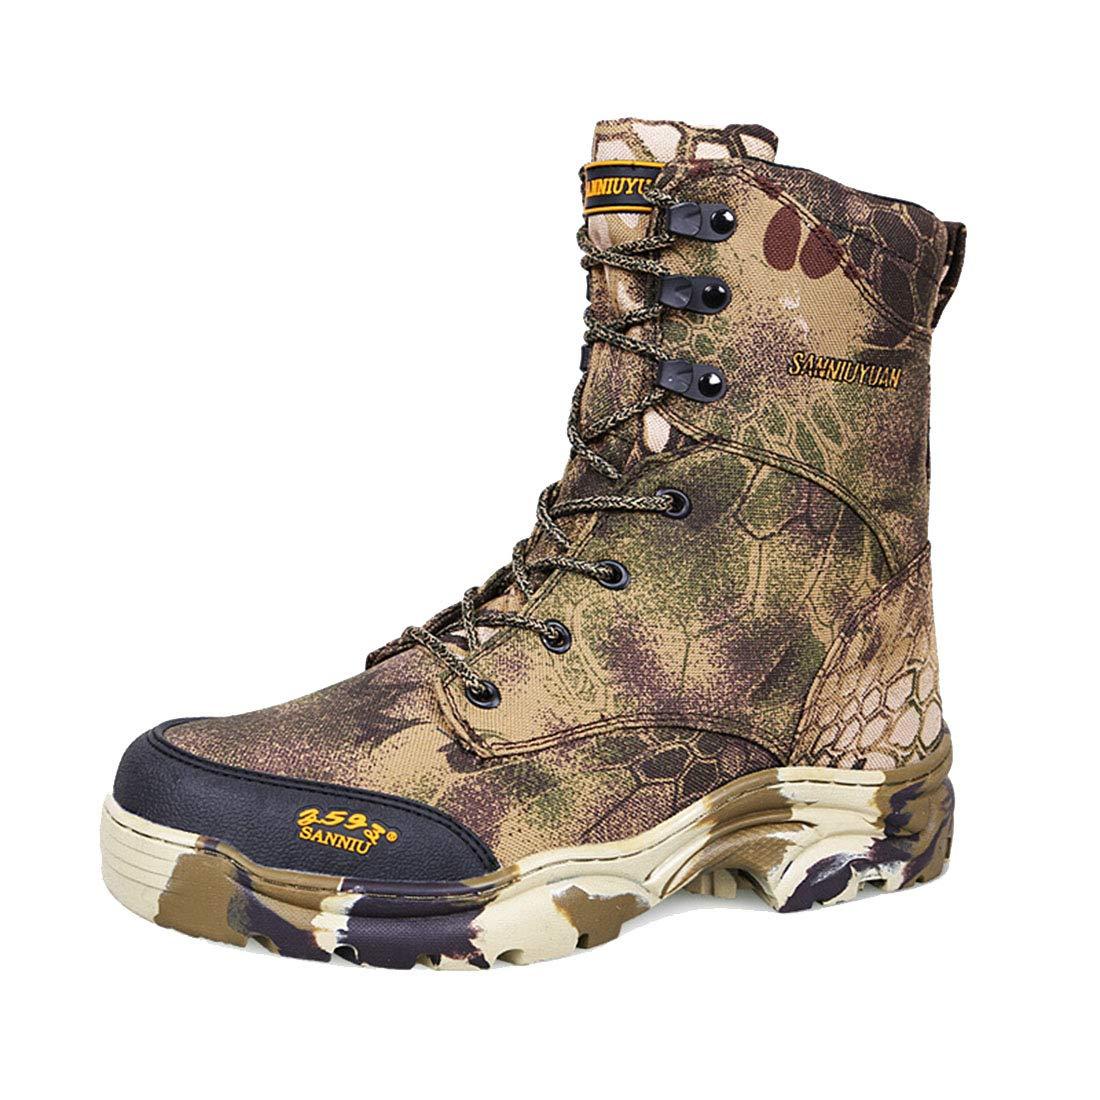 Multi Couleuruge 40EU FLYA Chaussures de randonnée pour Hommes avec Bottes de randonnée pour Toutes Les Saisons, Marche, randonnée, Camping, randonnée, vélo,Multi Couleuruge-38EU